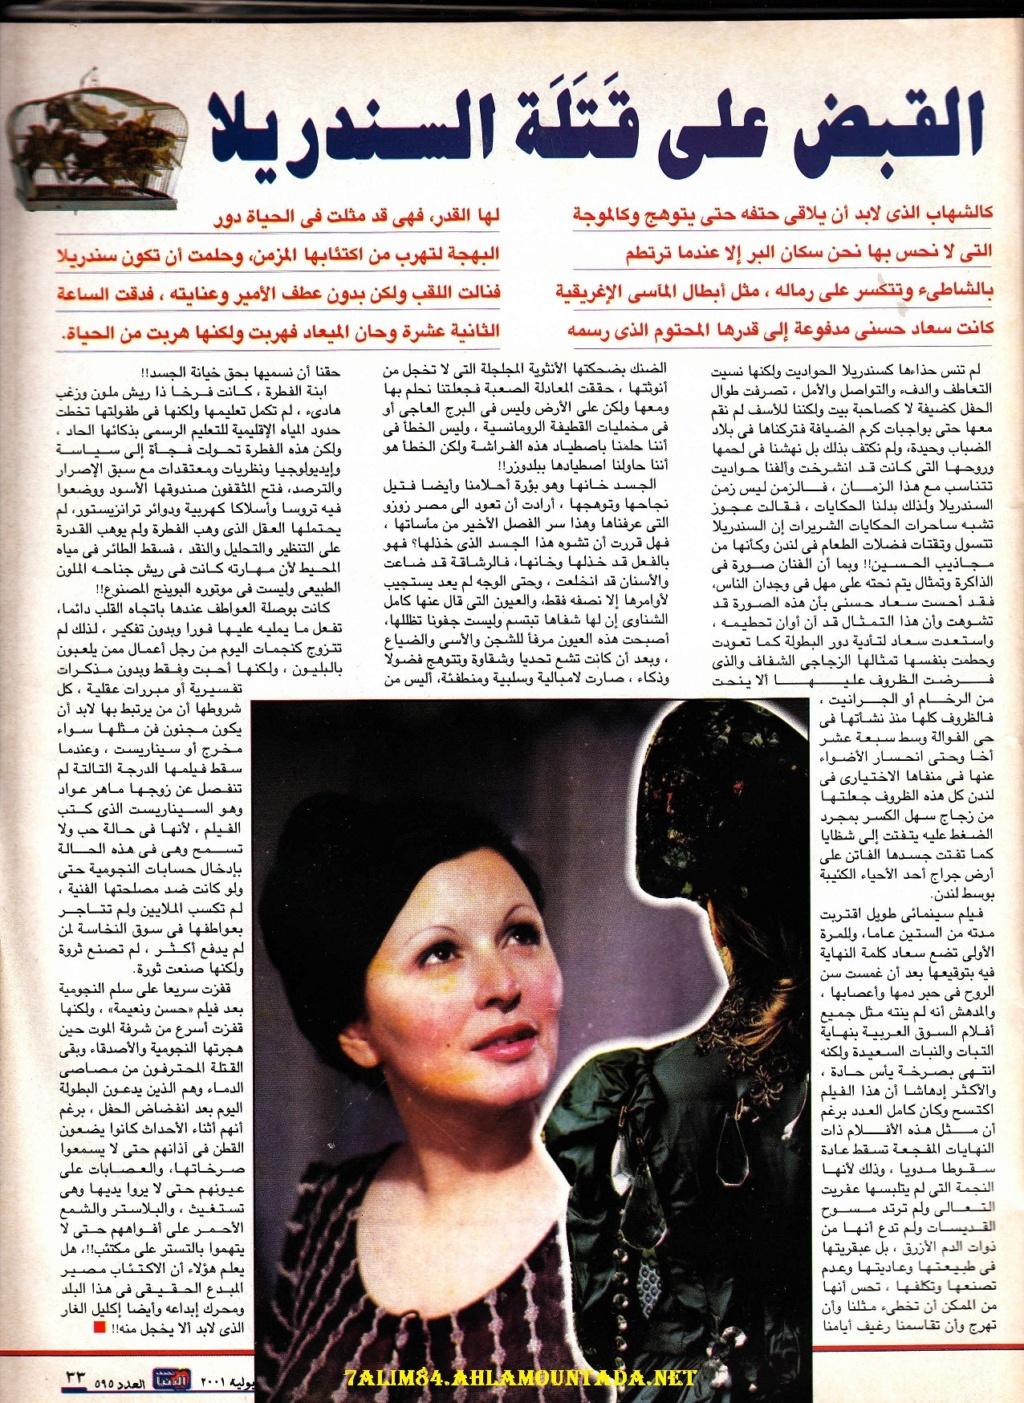 مقال - مقال صحفي : القبض على قتلة السندريلا 2001 م Aao_ao10